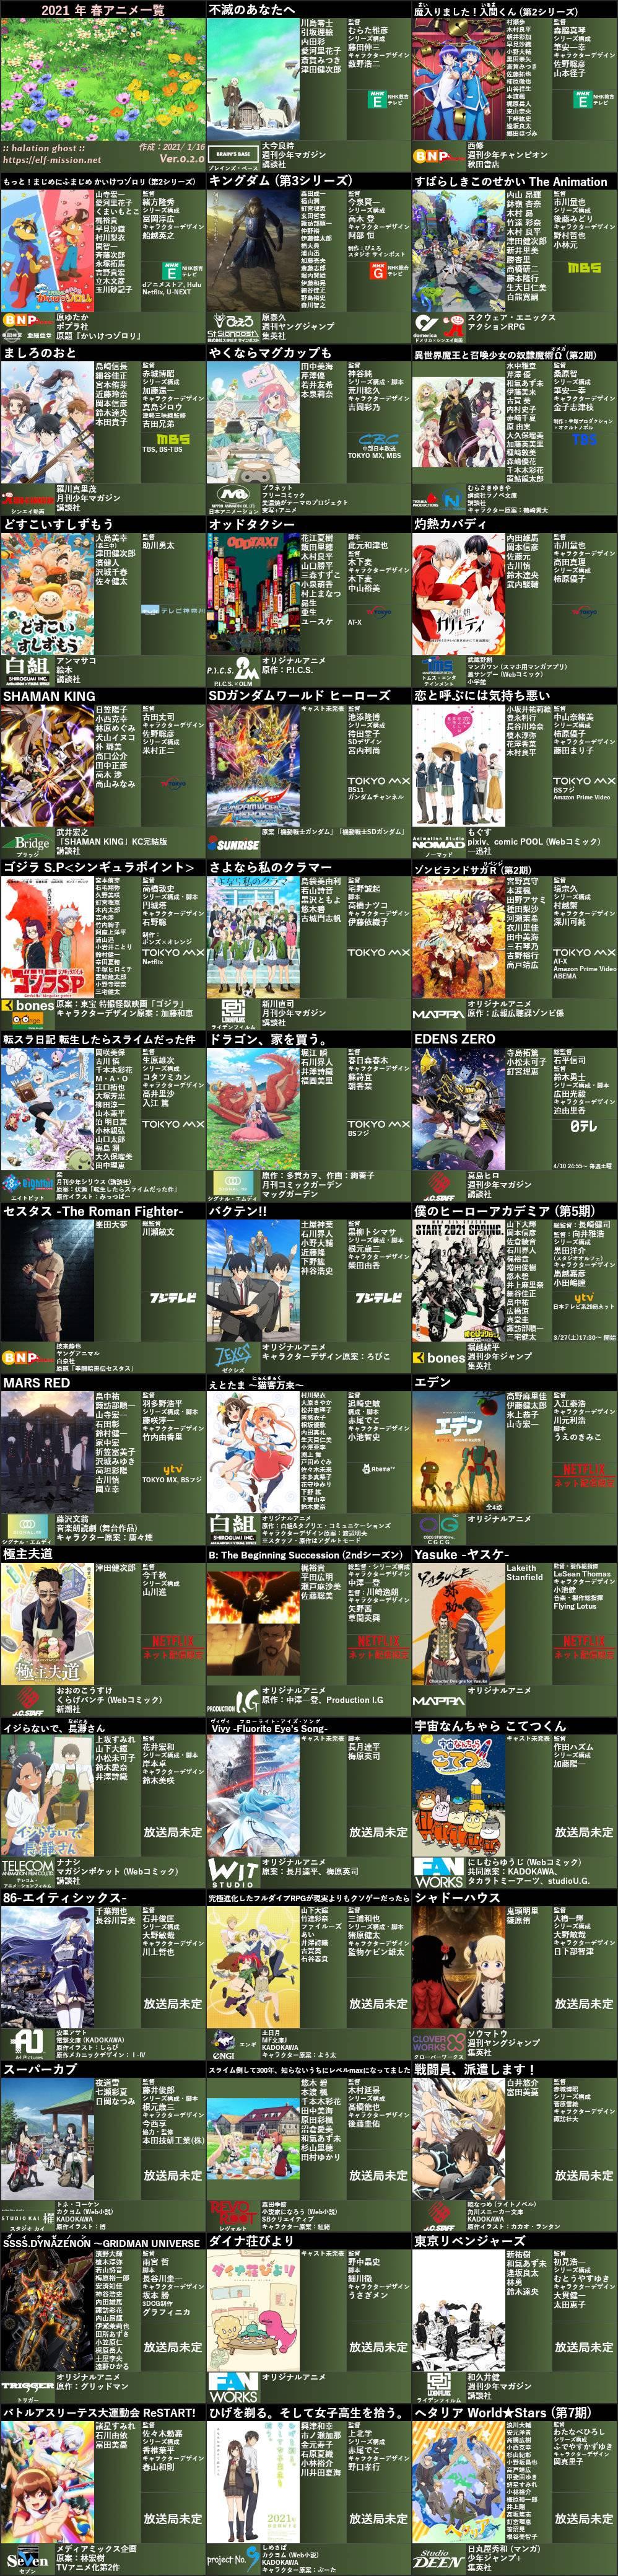 网友总结日本动画2021春季番一图流 新旧名作荟萃